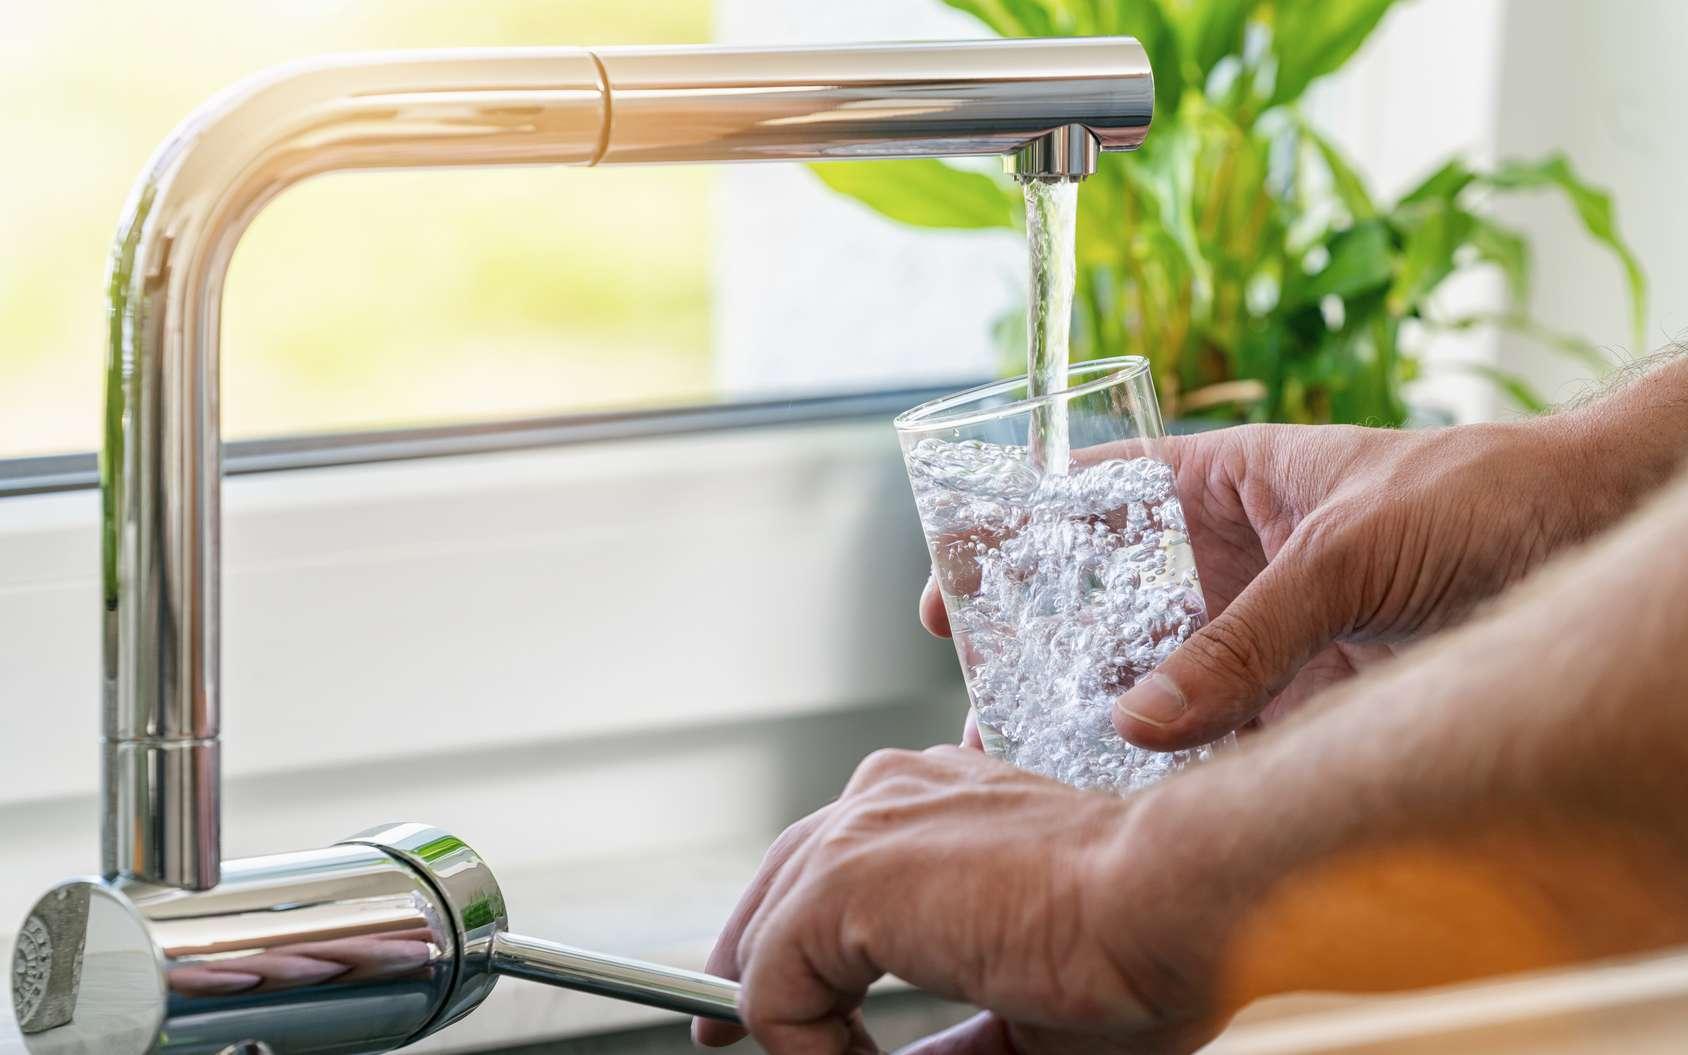 L'effet cocktail des molécules de l'eau du robinet respectant les normes toxicologiques pourrait s'avérer dangereux. © rcfotostock, Fotolia